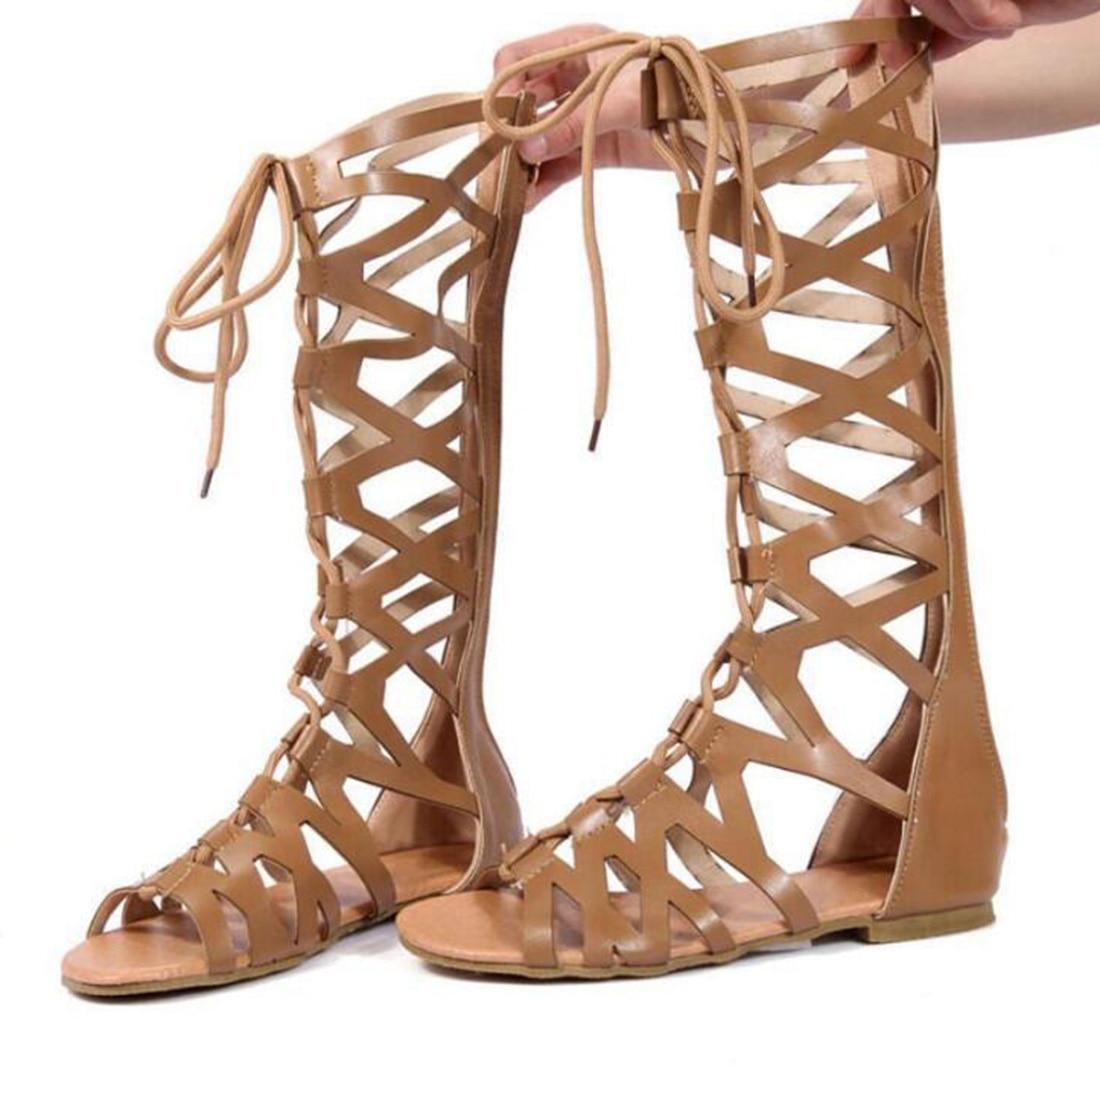 Justsl 2018 Sommer Frauen Flachem Boden Pedal Sandalen Feminina Gürtel Schnalle Schuhe Weibliche Komfort Römischen Sandalen Plus Größe Frauen Schuhe Frauen Sandalen